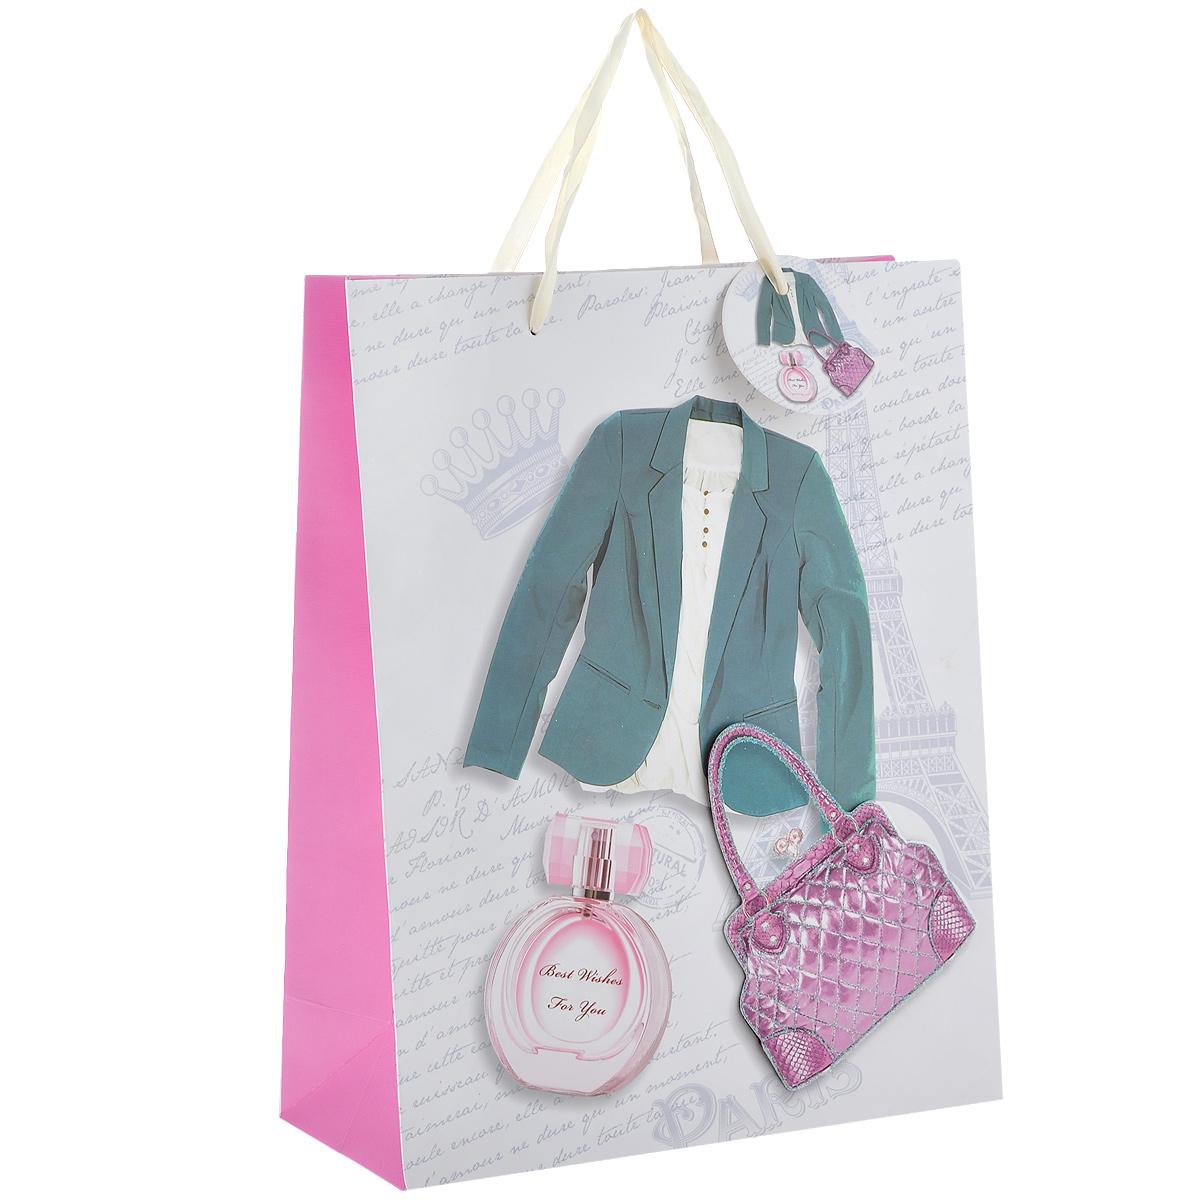 Пакет подарочный Дамский стиль, 26 х 10 х 32 смNLED-454-9W-BKДизайнерский подарочный пакет Дамский стиль выполнен из плотной бумаги, оформлен изображением зеленого пиджака, парфюма и аппликацией в виде розовой сумочки, покрытой сверкающими блестками. Дно изделия укреплено плотным картоном, который позволяет сохранить форму пакета и исключает возможность деформации дна под тяжестью подарка. Для удобной переноски имеются две атласные ручки.Подарок, преподнесенный в оригинальной упаковке, всегда будет самым эффектным и запоминающимся. Окружите близких людей вниманием и заботой, вручив презент в нарядном праздничном оформлении.